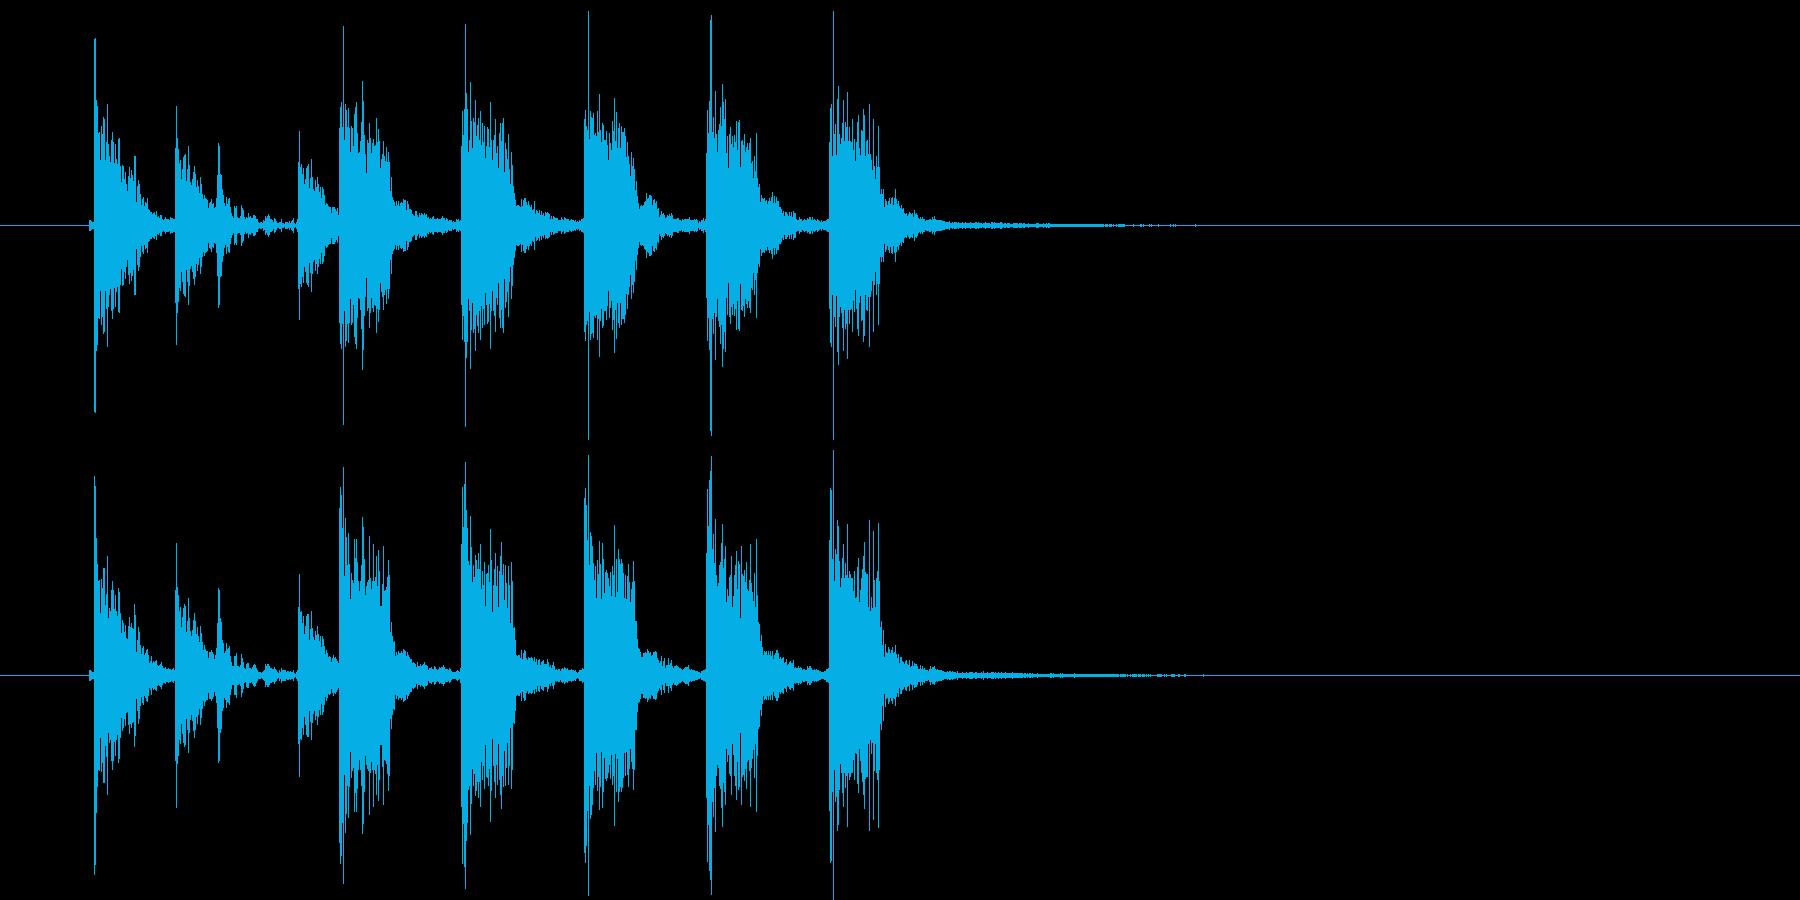 ズズチャチャチャチャチャ(ギター効果音)の再生済みの波形